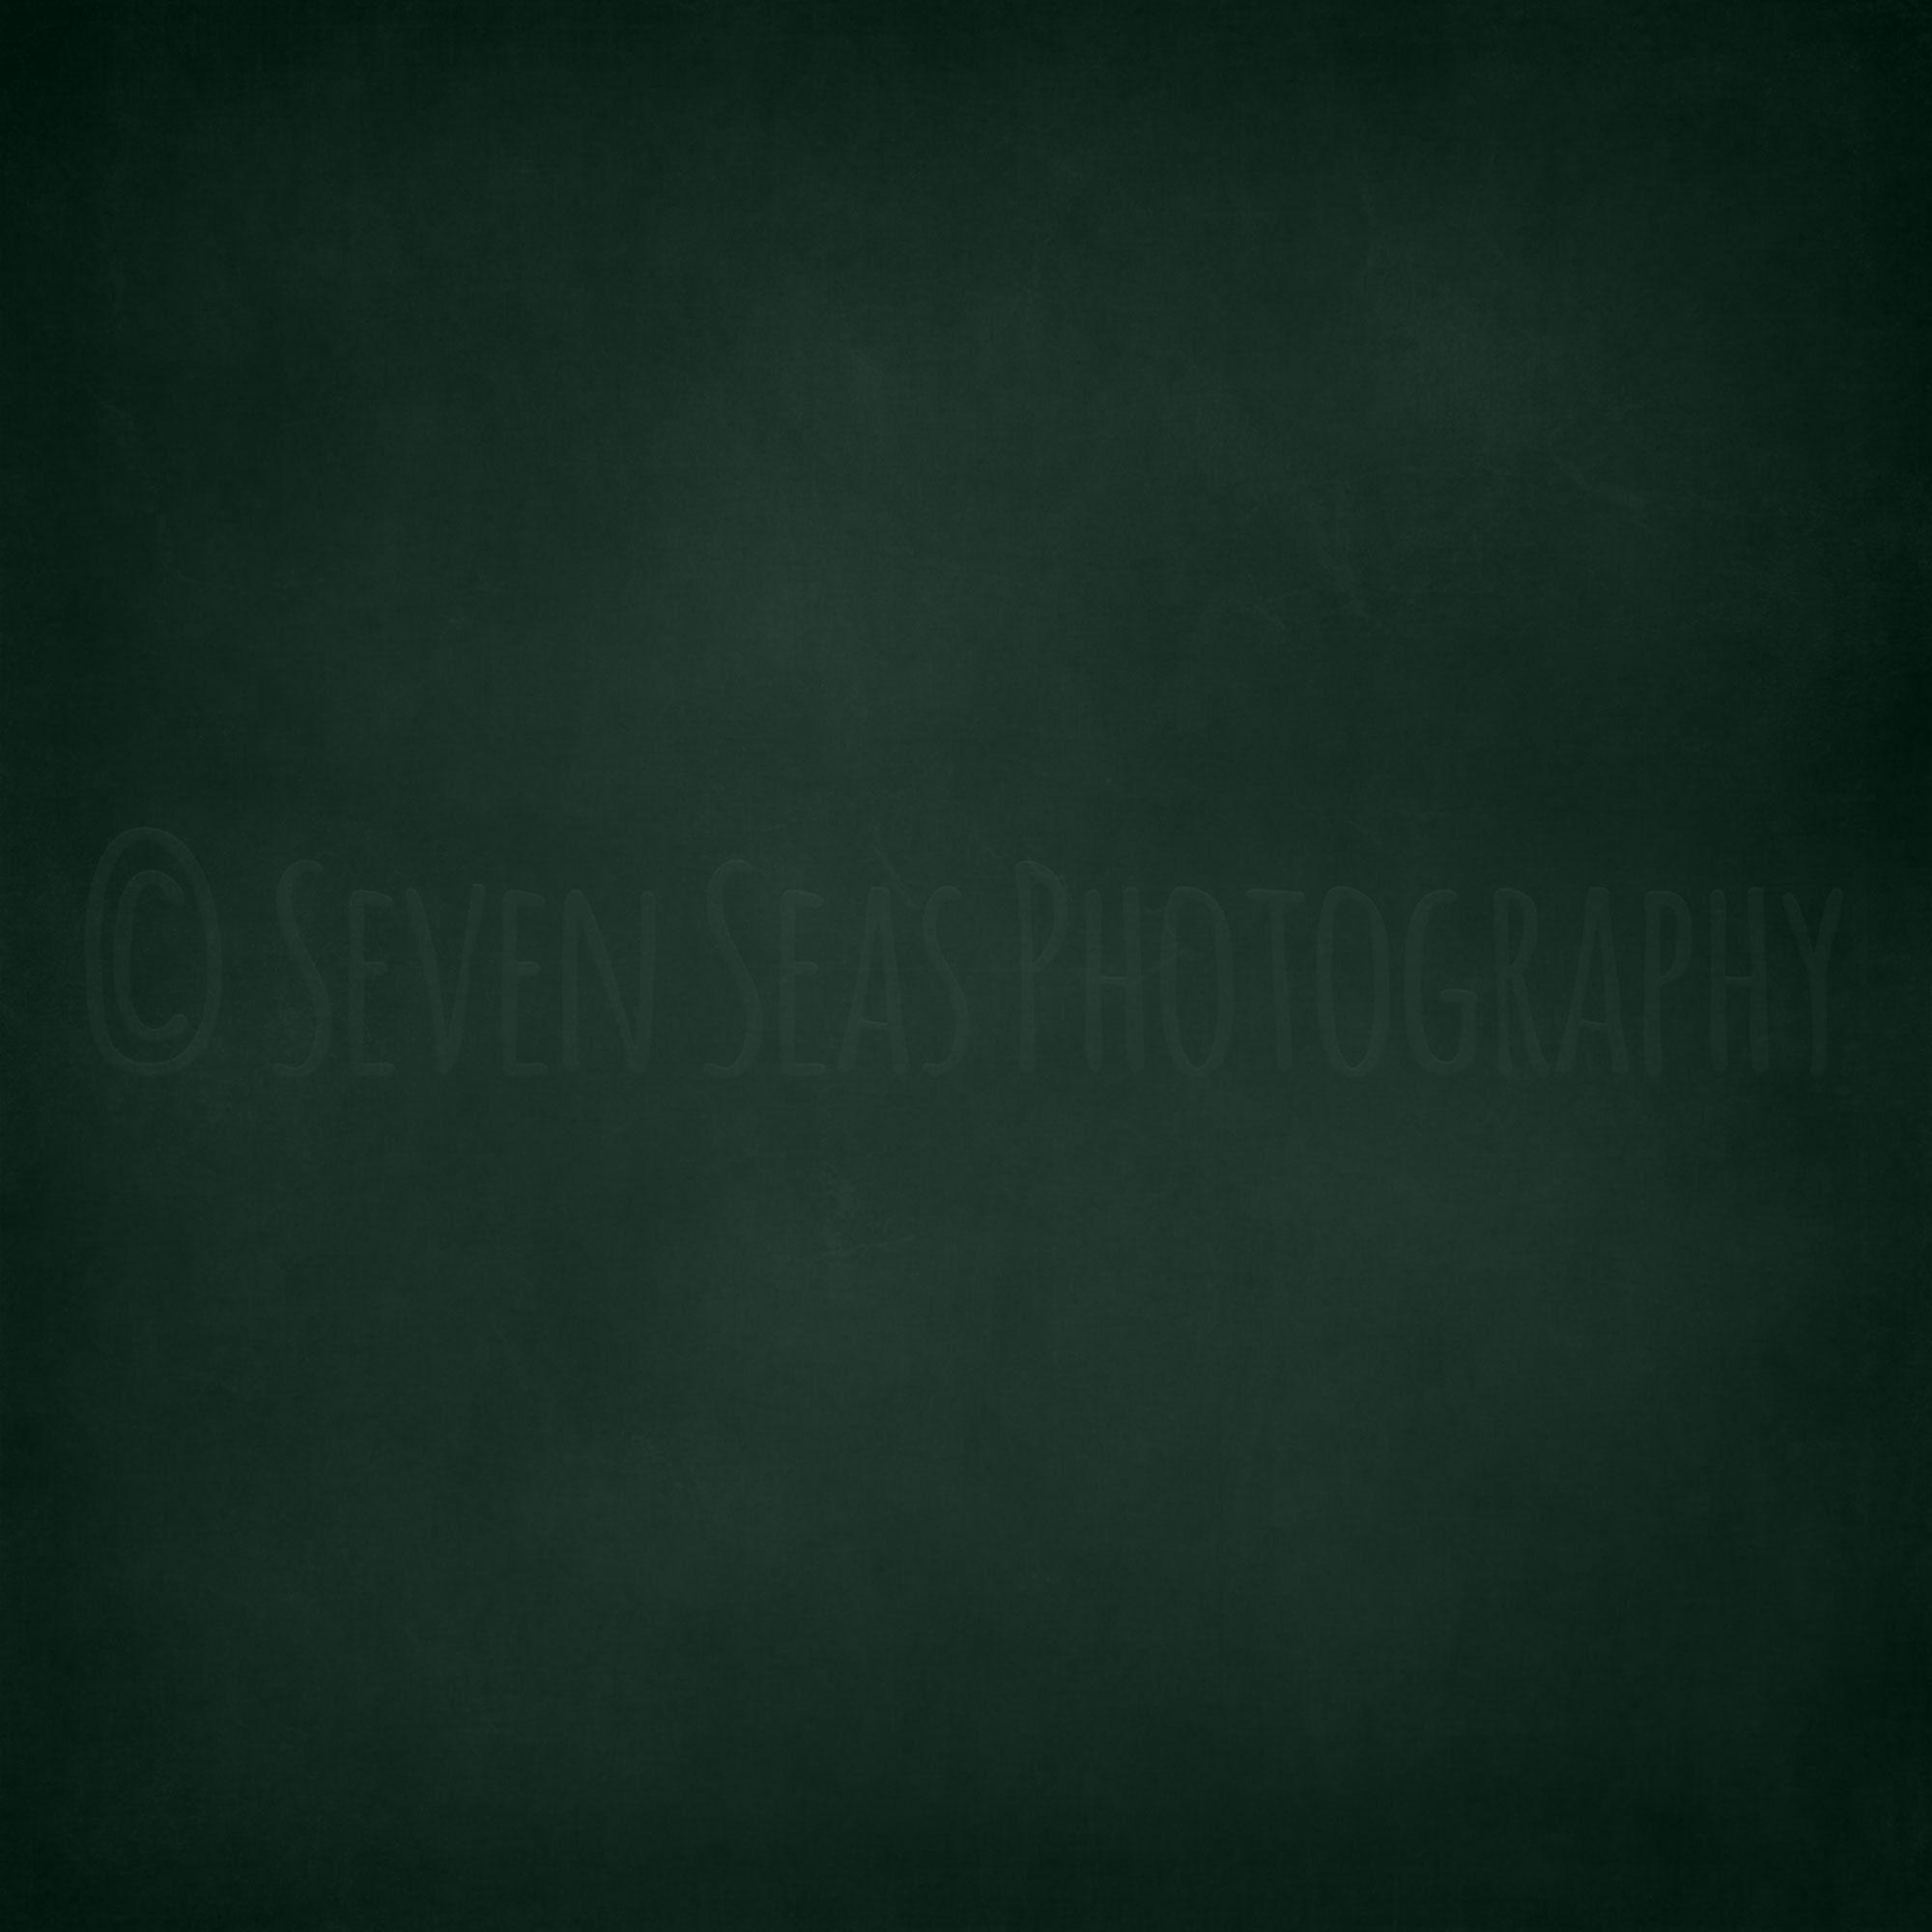 DOUGLAS FIR - Digitaler Hintergrund für Fotografie und Video, Porträthintergrund, Textur, Grafikdesign, Kunst, Photoshop-Overlay, Websites